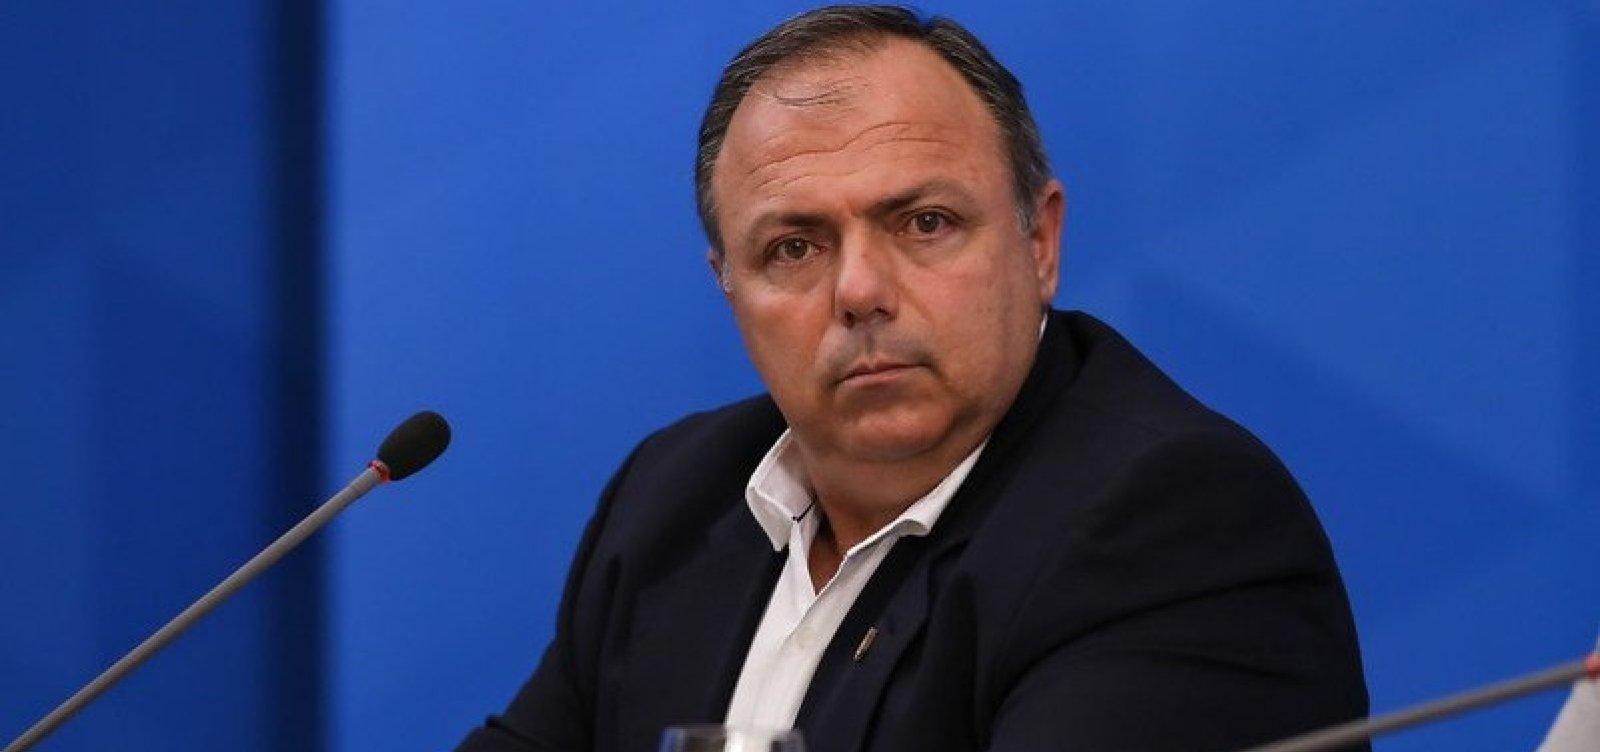 Após mais de 3 meses como interino, Pazuello toma posse como ministro da Saúde